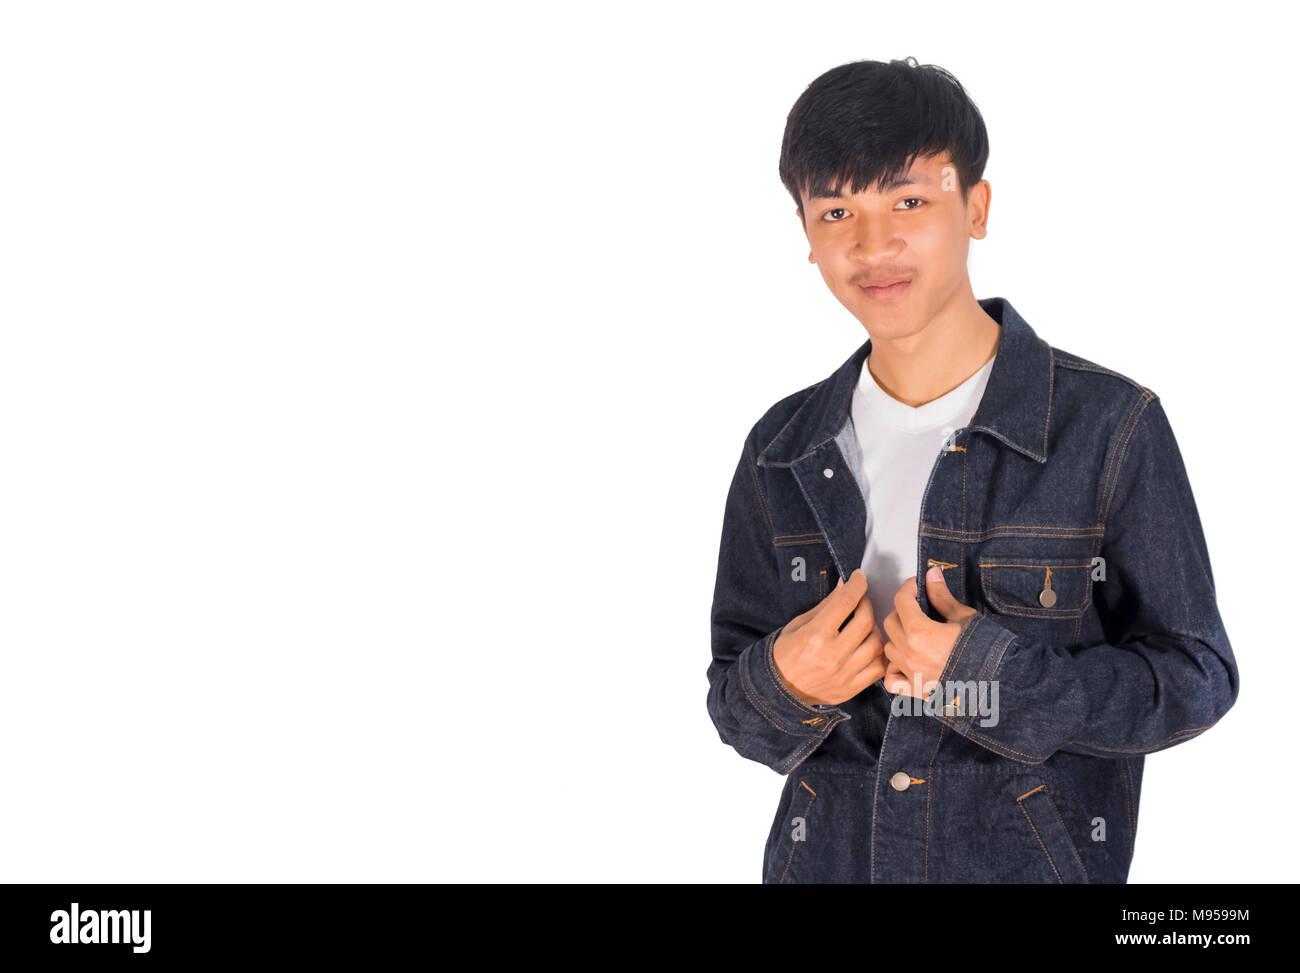 Foto Un Blu Di Uomo In La Ritratto Camicia Asiatico Il Scuro 8nONwPX0k